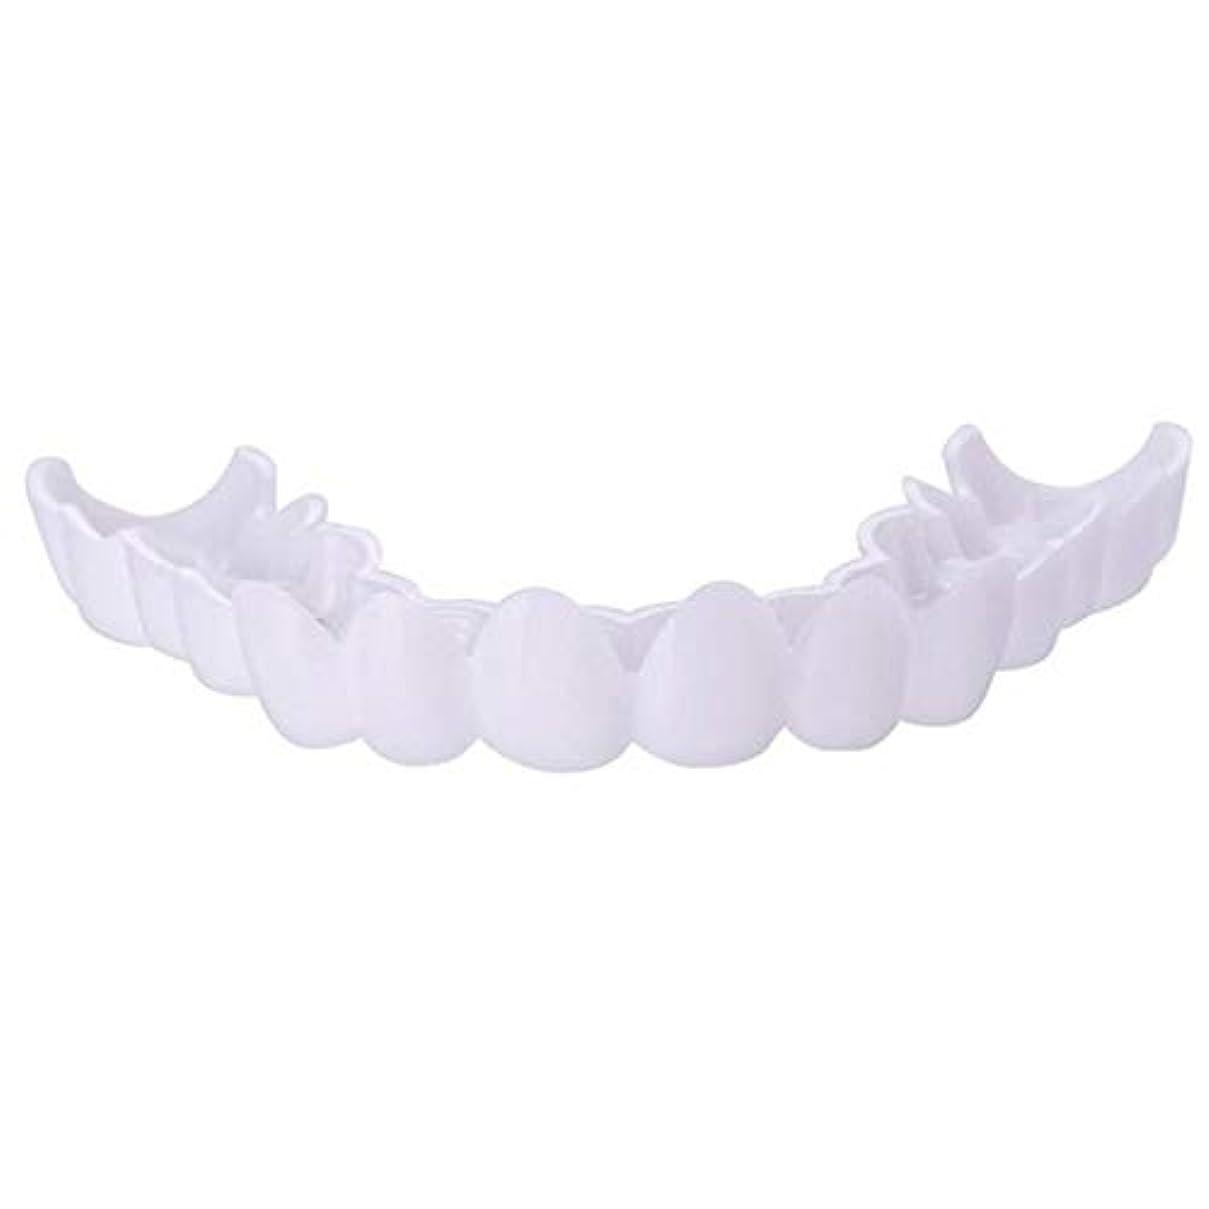 アジャ首相弱まるシリコーンシミュレーション歯科用義歯スリーブ、上歯のホワイトニング,A